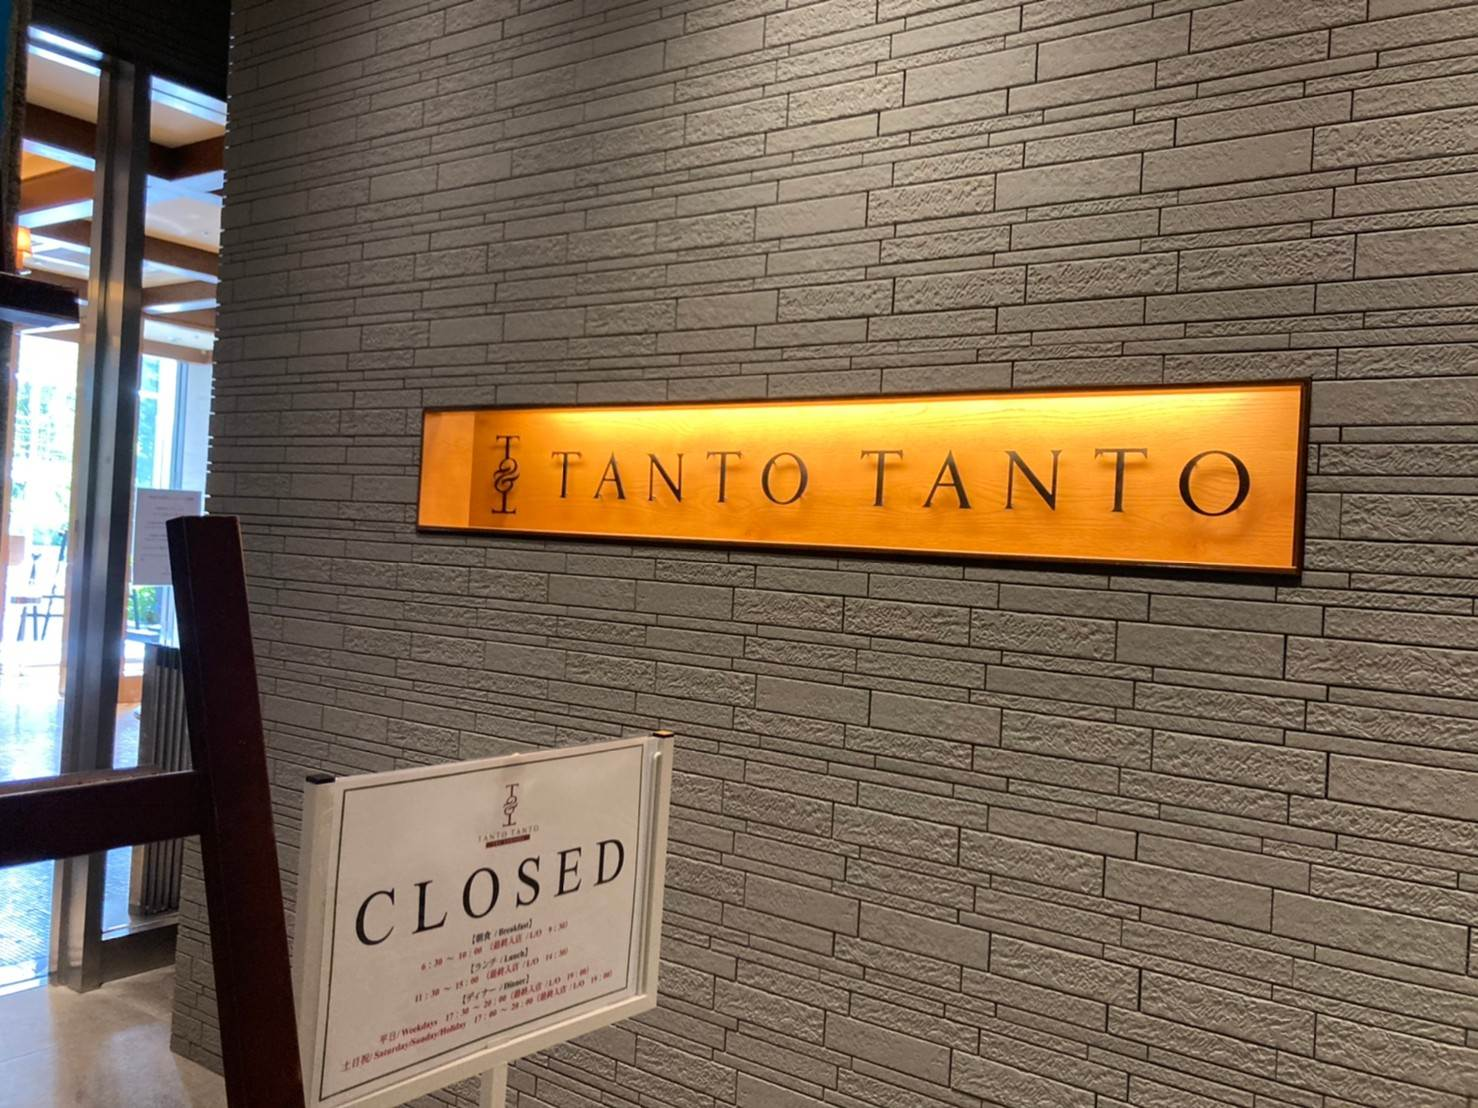 【宿泊記】「三井ガーデンホテル五反田」の朝食を紹介!豪華でおしゃれなイタリアンブッフェスタイルの朝食を堪能しました!